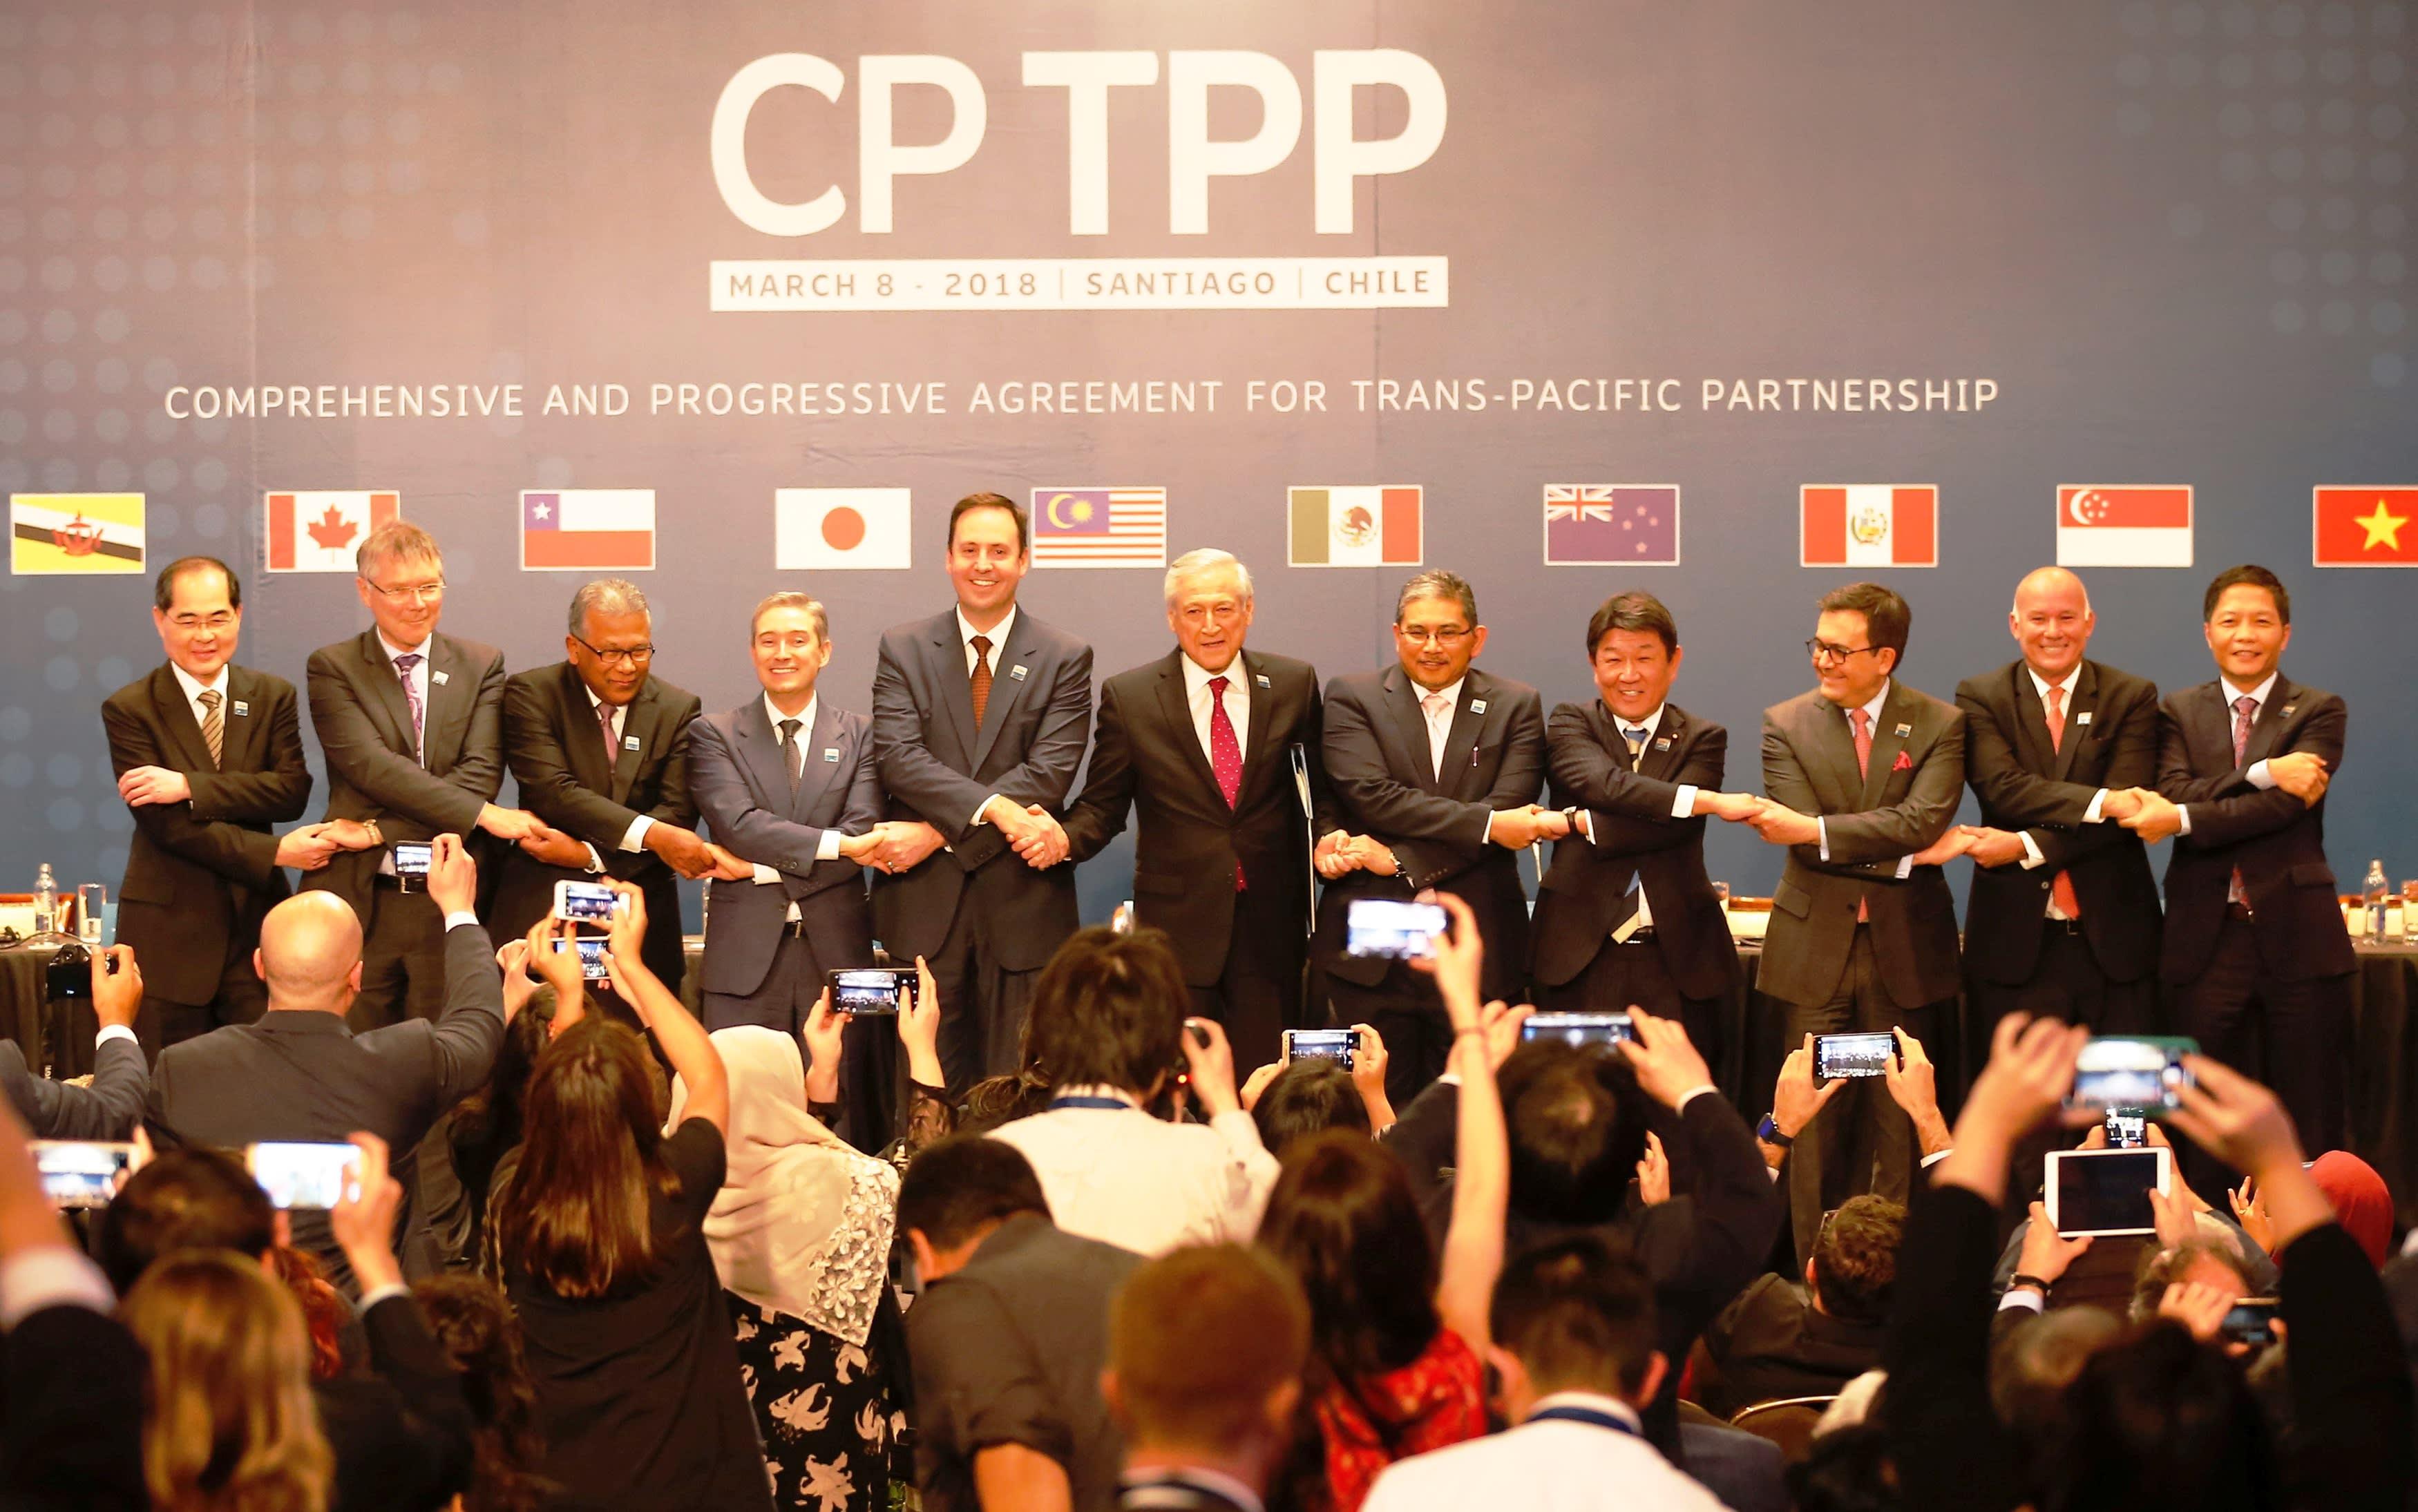 Hiệp định đối tác toàn diện và tiến bộ xuyên Thái Bình Dương (CPTPP) hoàn thiện thể chế kinh tế thị trường (22/1/2019)